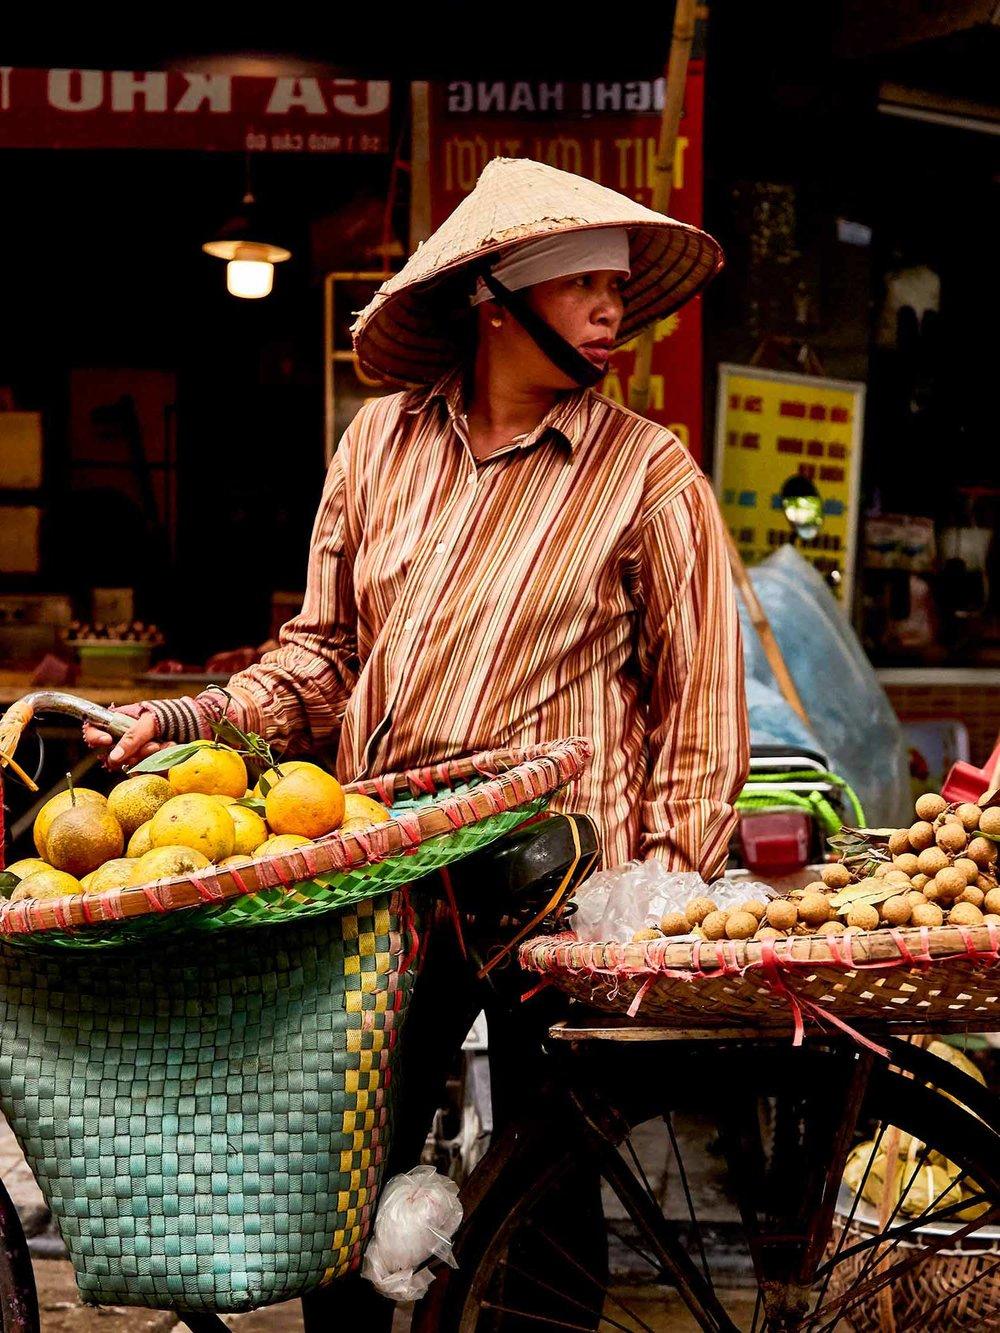 CNT_Hanoi_Old_Quarter_12_FLIP.jpg